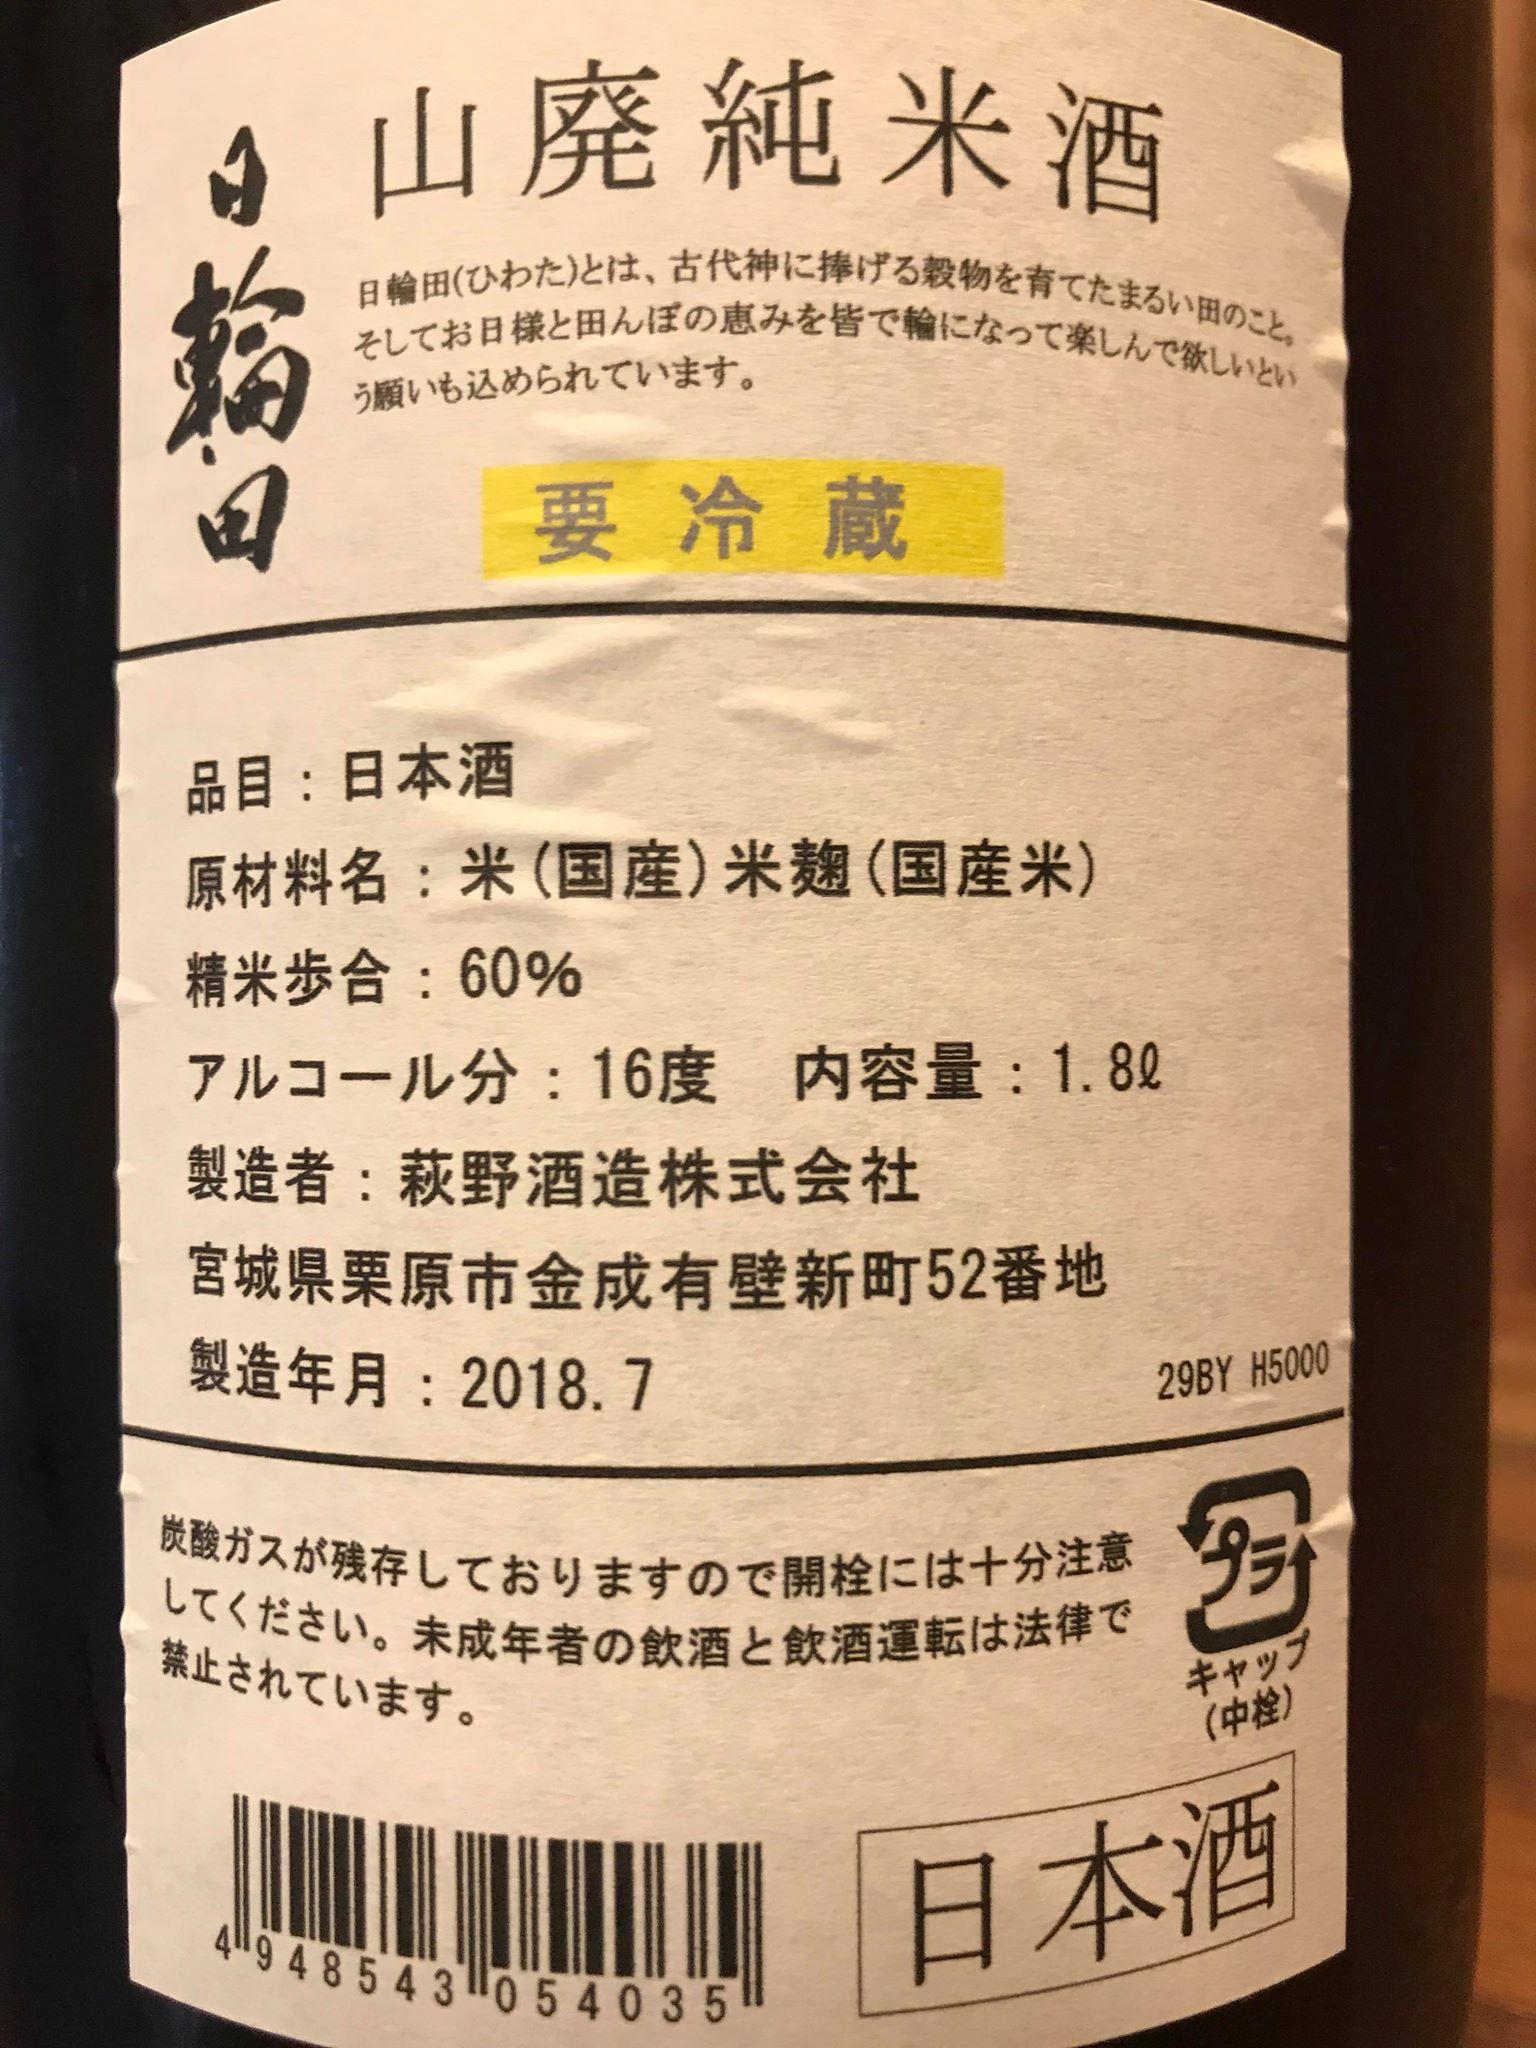 【日本酒】日輪田 山廃純米酒 夏のひまわりラベル 限定 29BY_e0173738_21435890.jpg